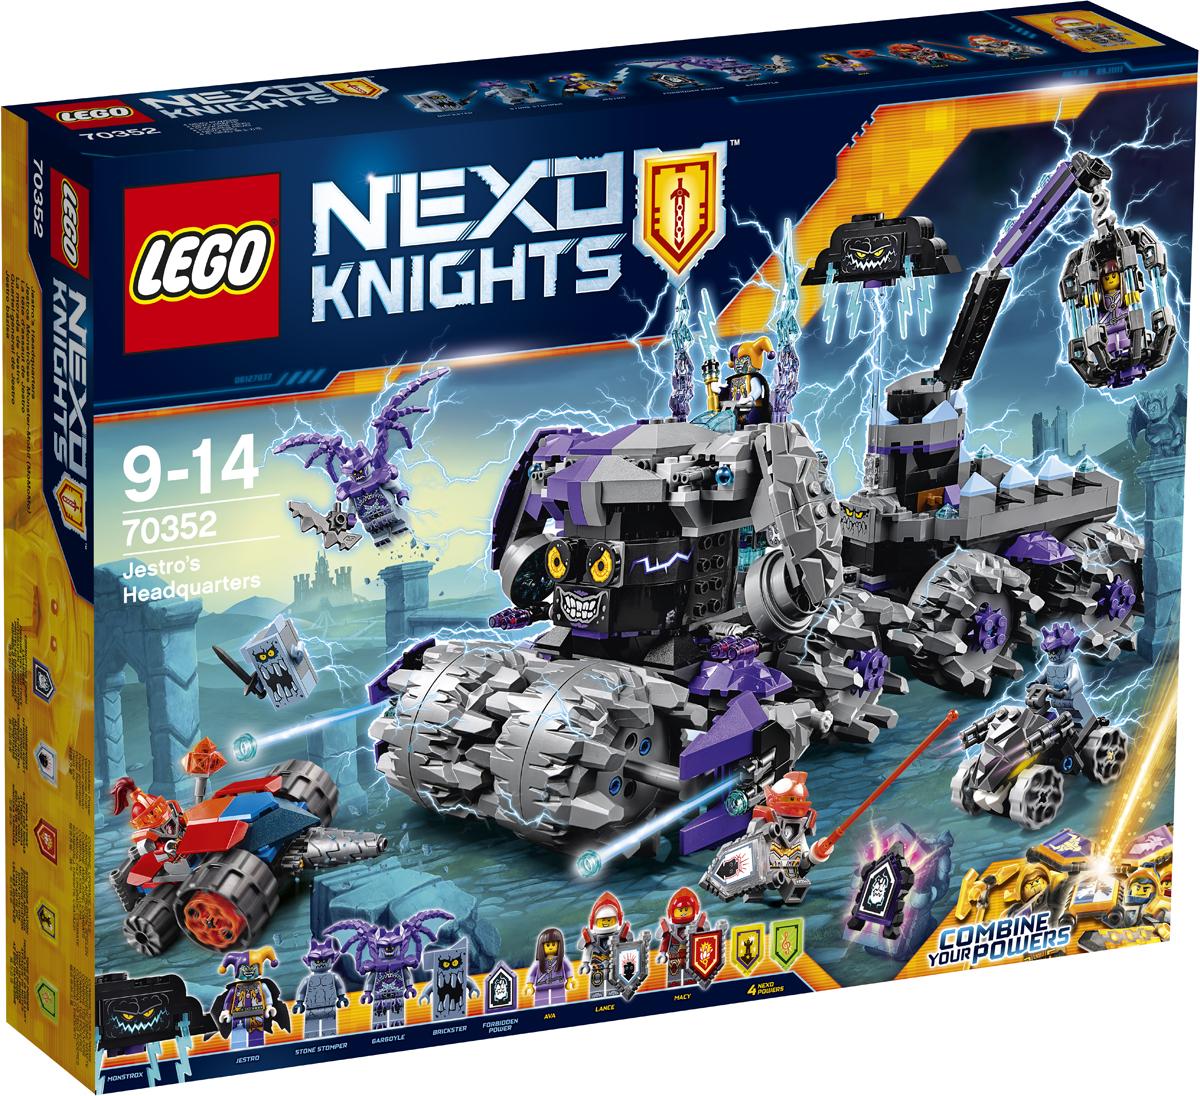 LEGO NEXO KNIGHTS Конструктор Штаб Джестро 7035270352Атакуйте штурмовой разрушитель Джестро на подрывной машине Мэйси и сразитесь с летающей шляпой «Гататтака» Джестро и каменными машинами! Объедините героев LEGO NEXO KNIGHTS™ и комбинируйте их NEXO-Силы, чтобы не позволить Джестро заполучить запретные силы, и спасите Эву из висячей клетки! Набор включает в себя 840 разноцветных элементов и 5 щитов для сканирования, дающих 4 NEXO-Силы: «Удар ниндзя», «Заклинатель», «Сила музыки» и «Бурные аплодисменты», а также запретная сила «Раскол земной поверхности». Конструктор - это один из самых увлекательных и веселых способов времяпрепровождения. Ребенок сможет часами играть с конструктором, придумывая различные ситуации и истории.